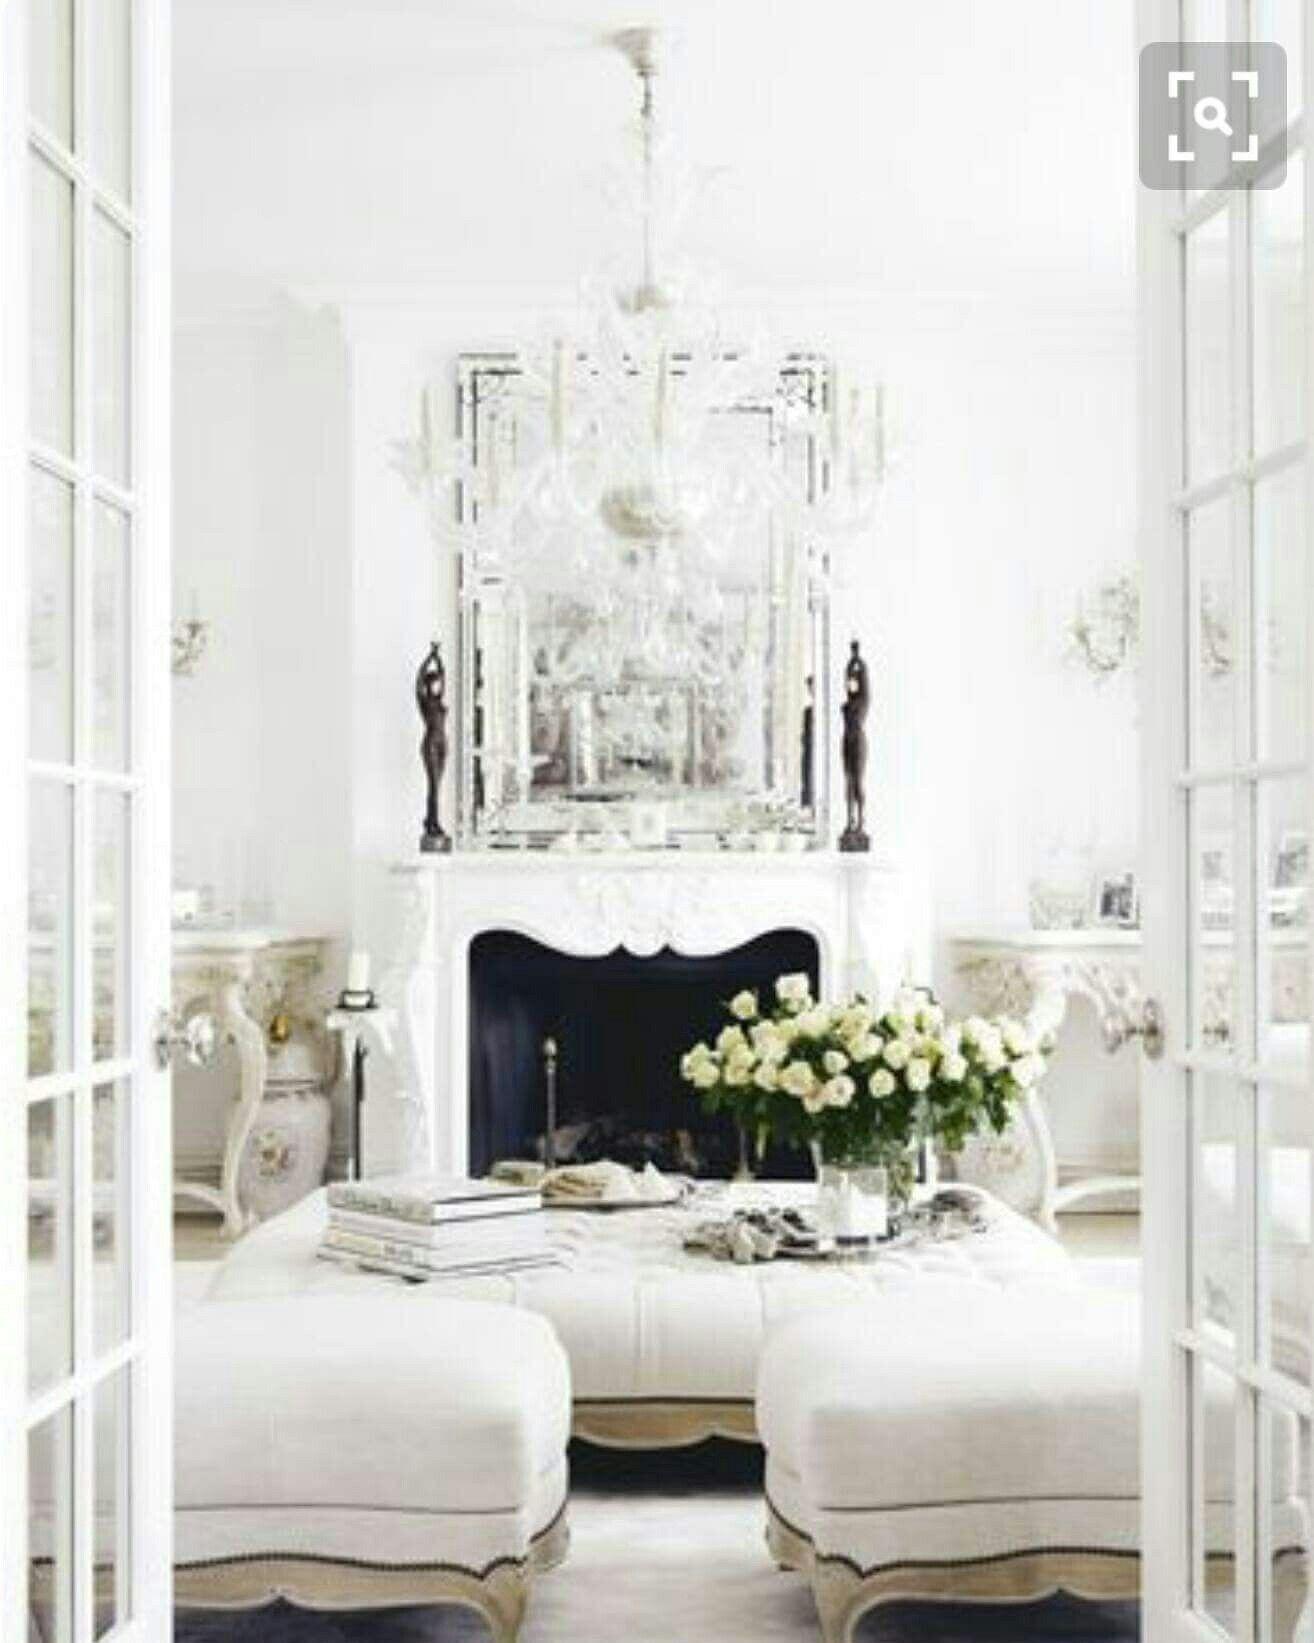 All White Living Room Ideas Best Of Pin By Rula Bustami On Ottomans Dekorasi Rumah Elegan Ruang Tamu Putih Tips Dekorasi Rumah